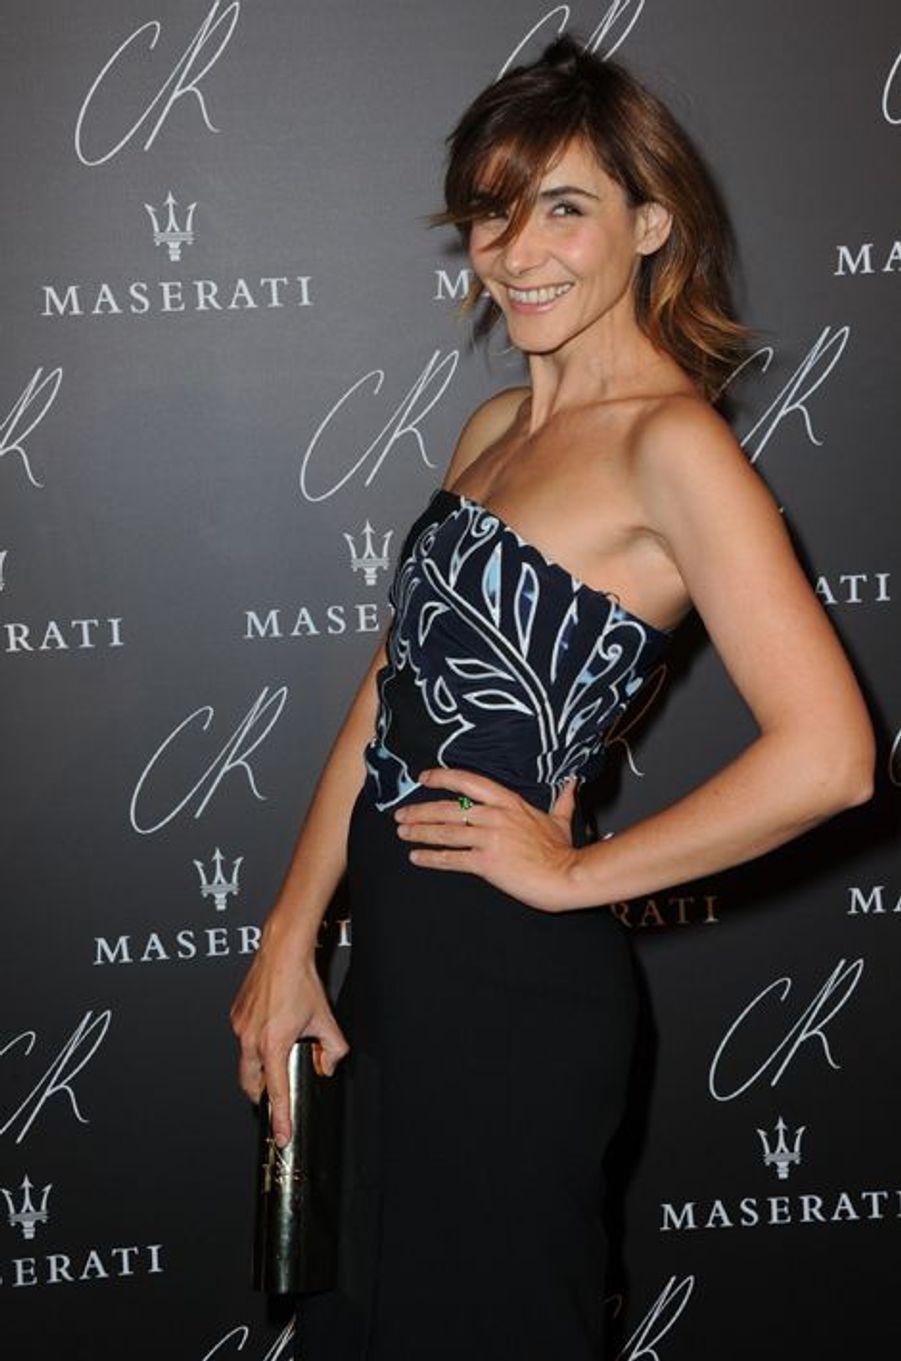 Clotilde Courau à la soirée CR Fashion Book organisée à Paris le mardi 30 septembre 2014